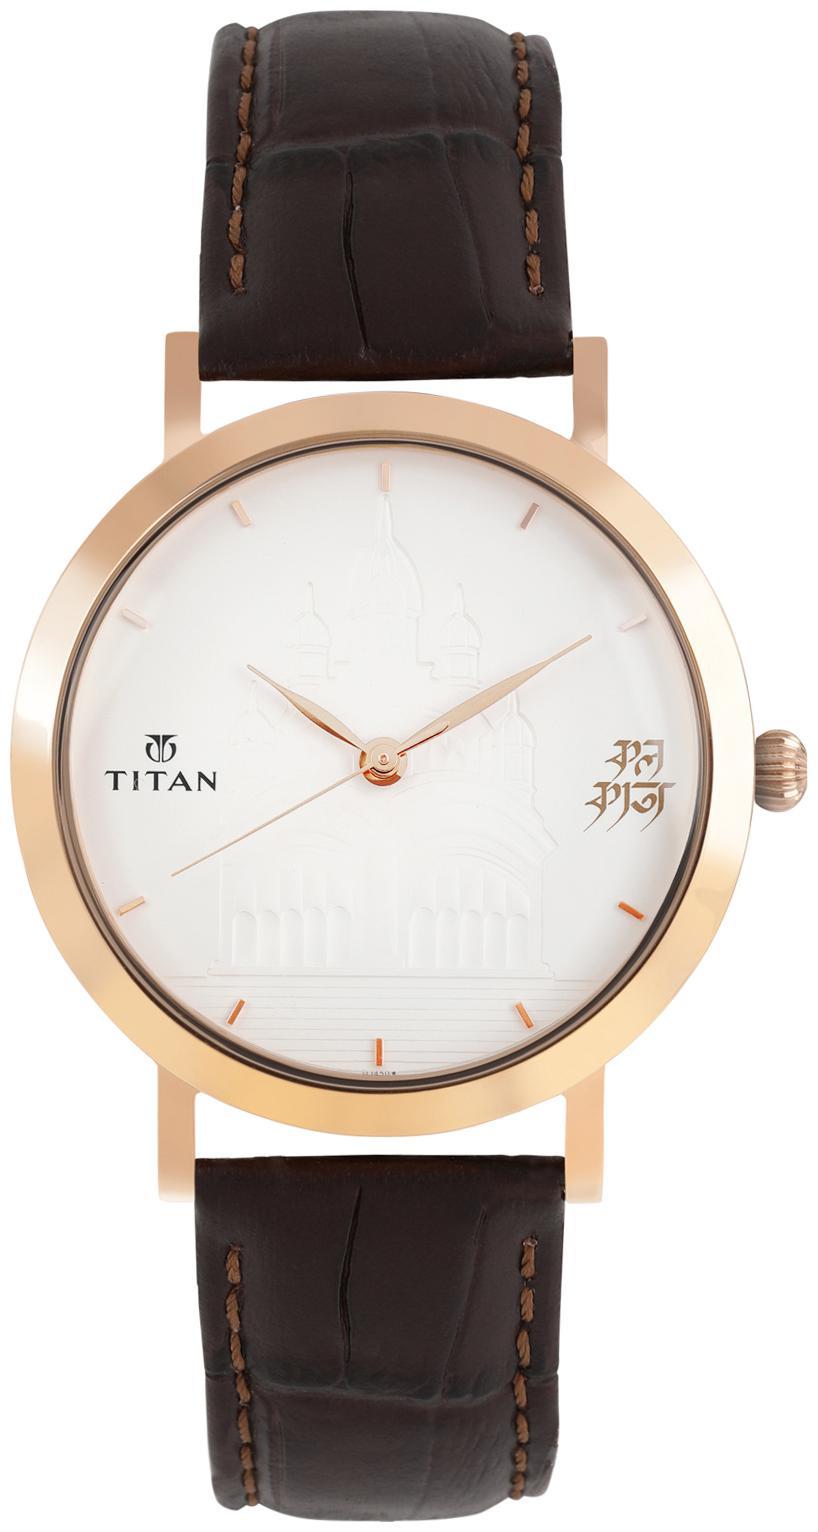 Titan Analog Watch for men